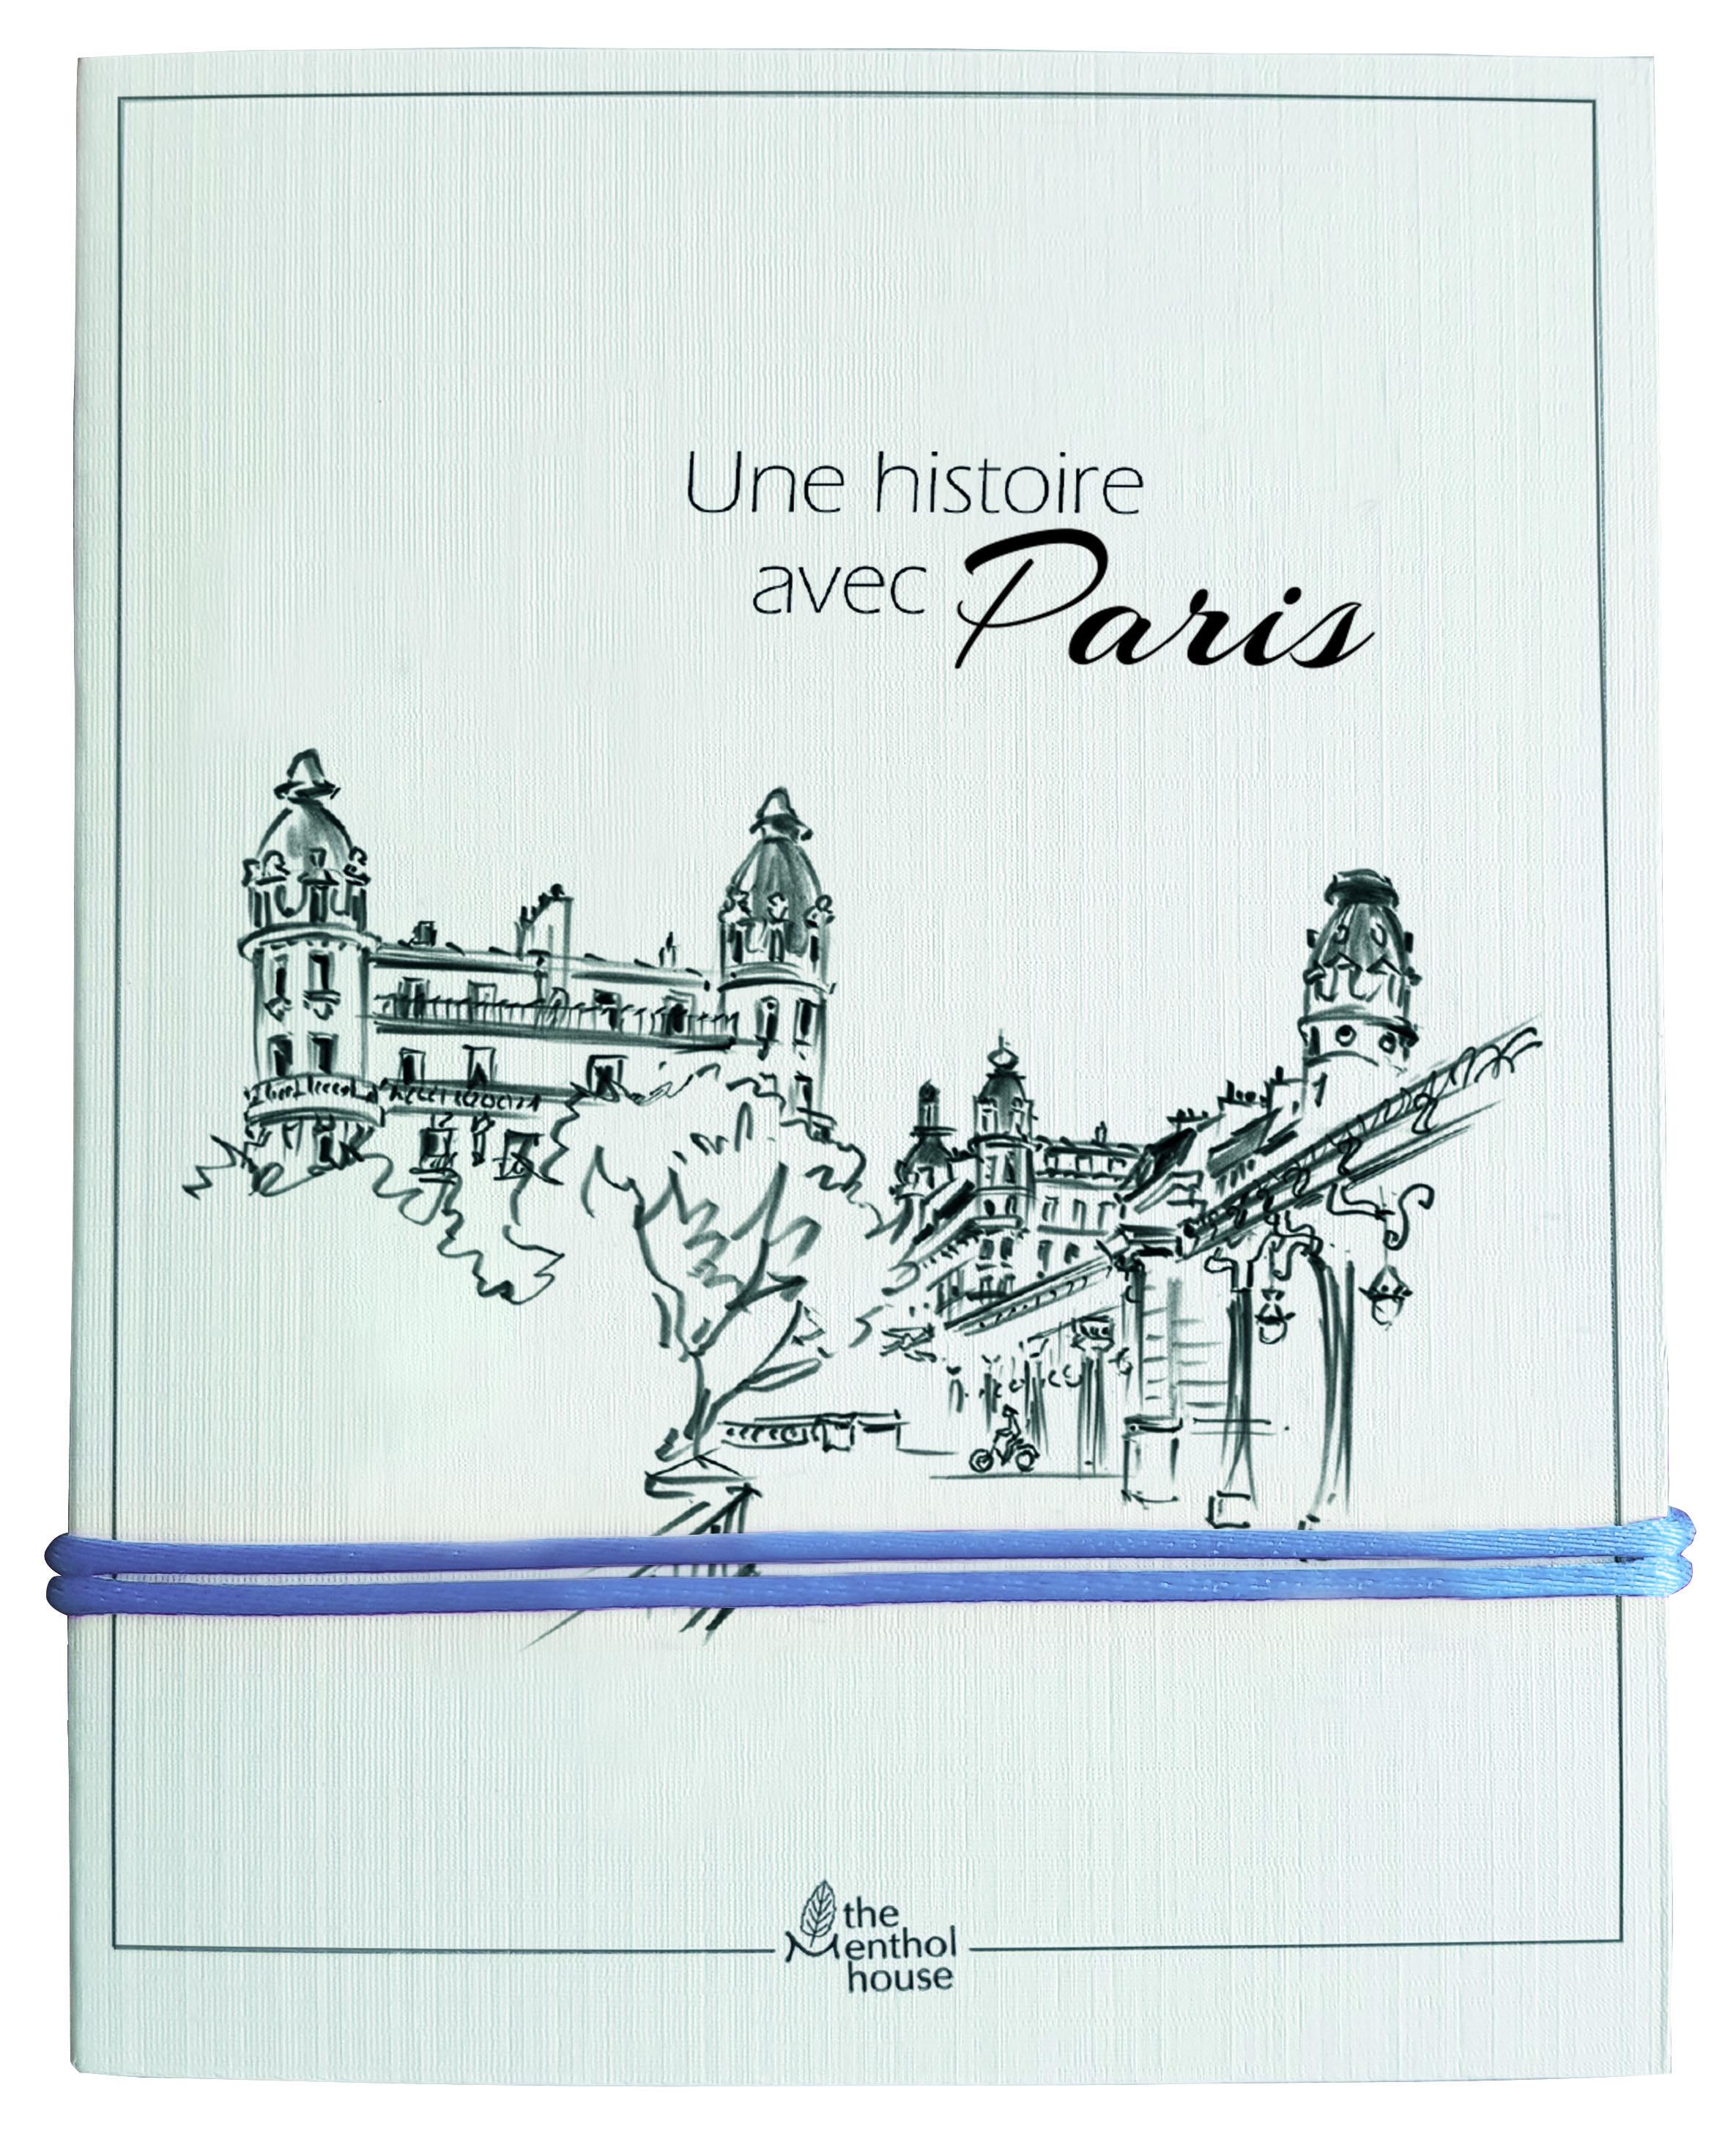 UNE  HISTOIRE AVEC PARIS PONT BIR-HAKEIM